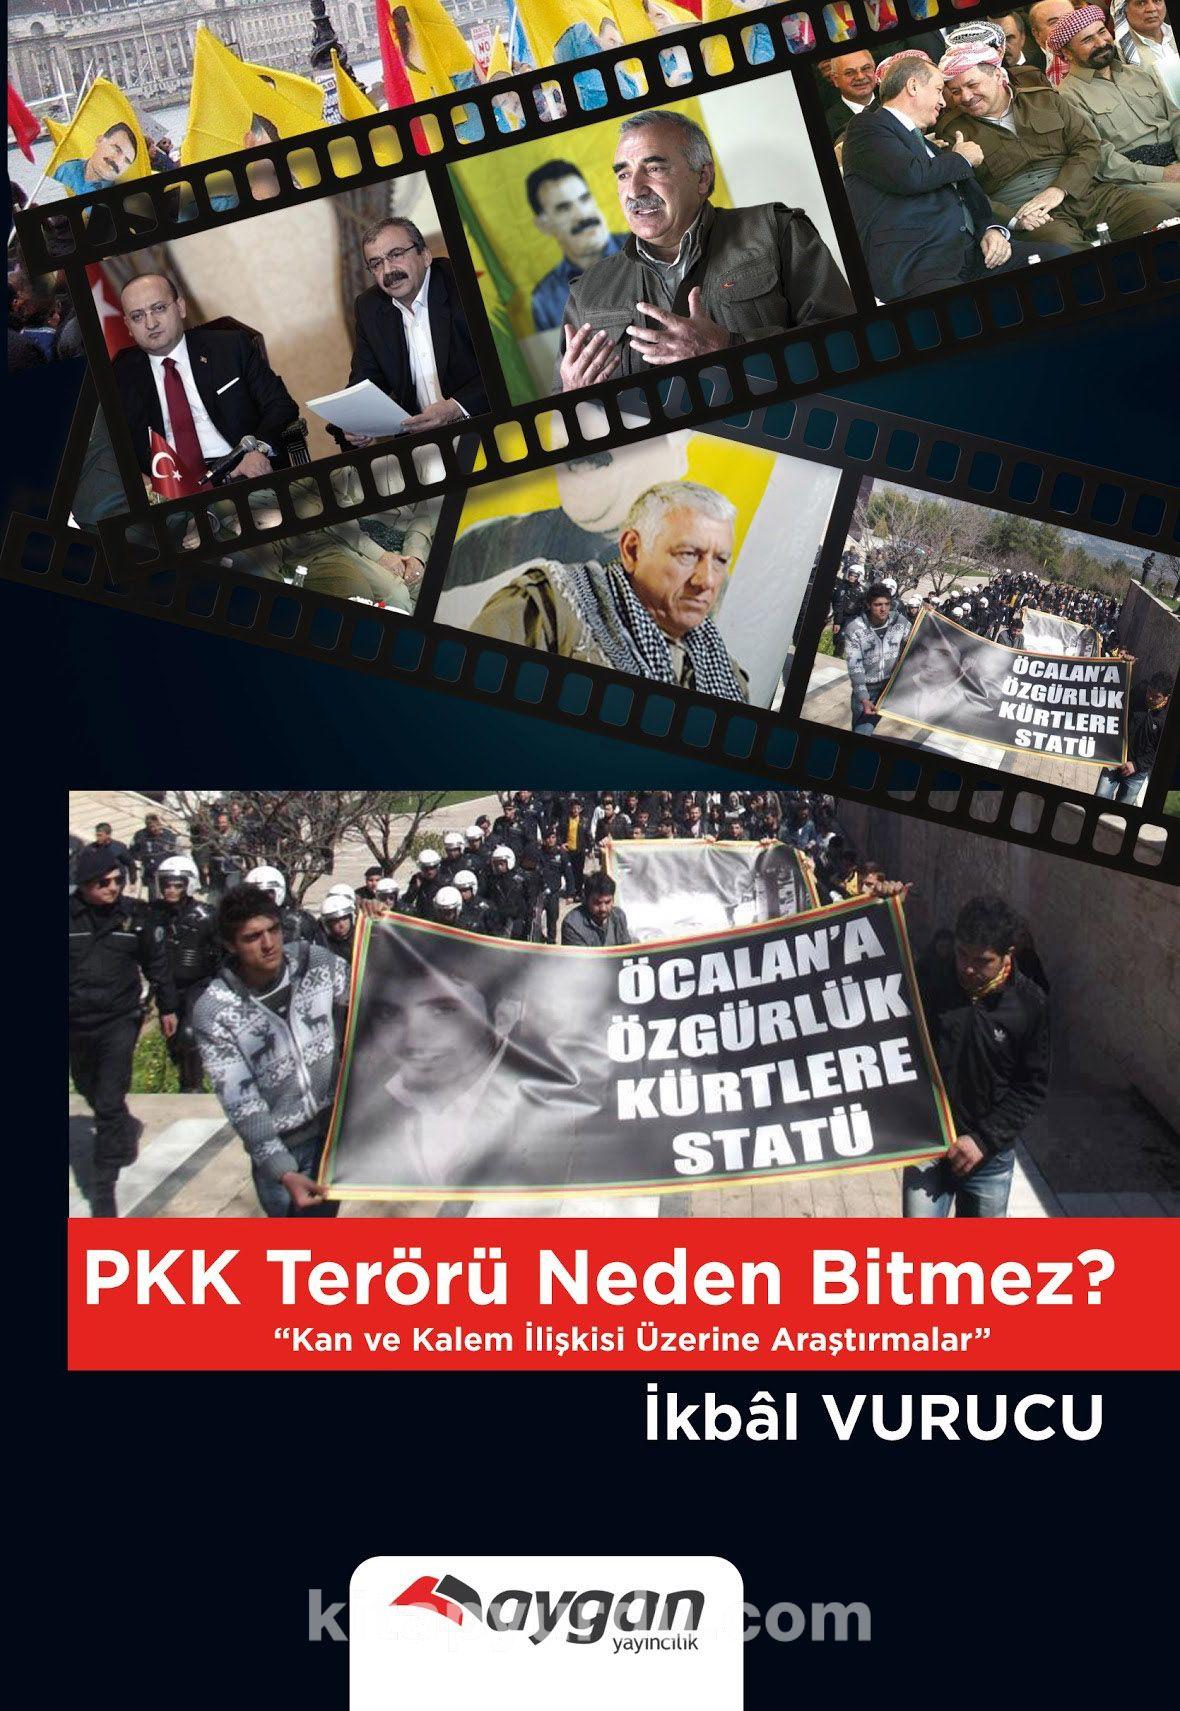 PKK Terörü Neden Bitmez?Kan ve Kalem İlişkisi Üzerine Araştırmalar